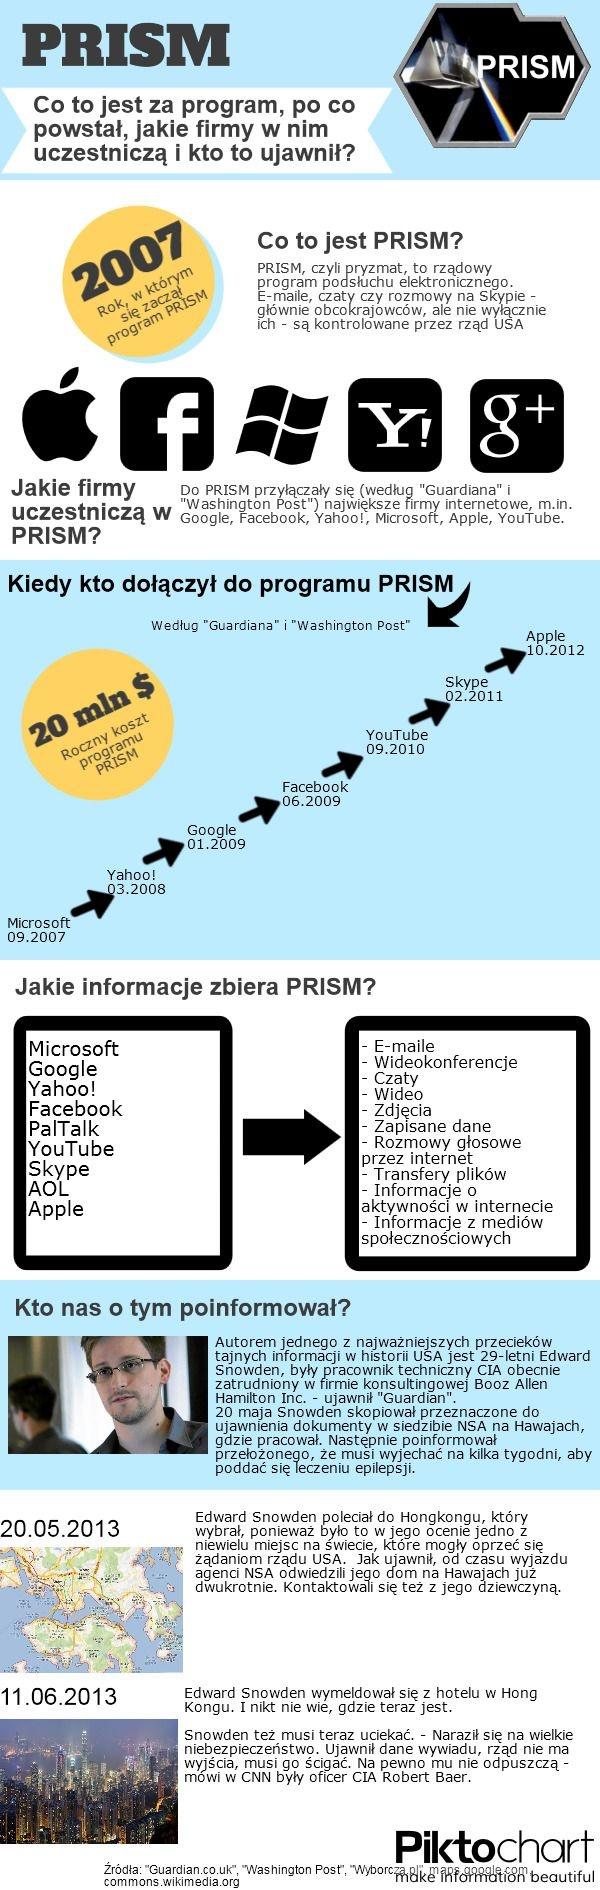 'Zamach na naszą prywatność'. O co chodzi z PRISM? [INFOGRAFIKA]